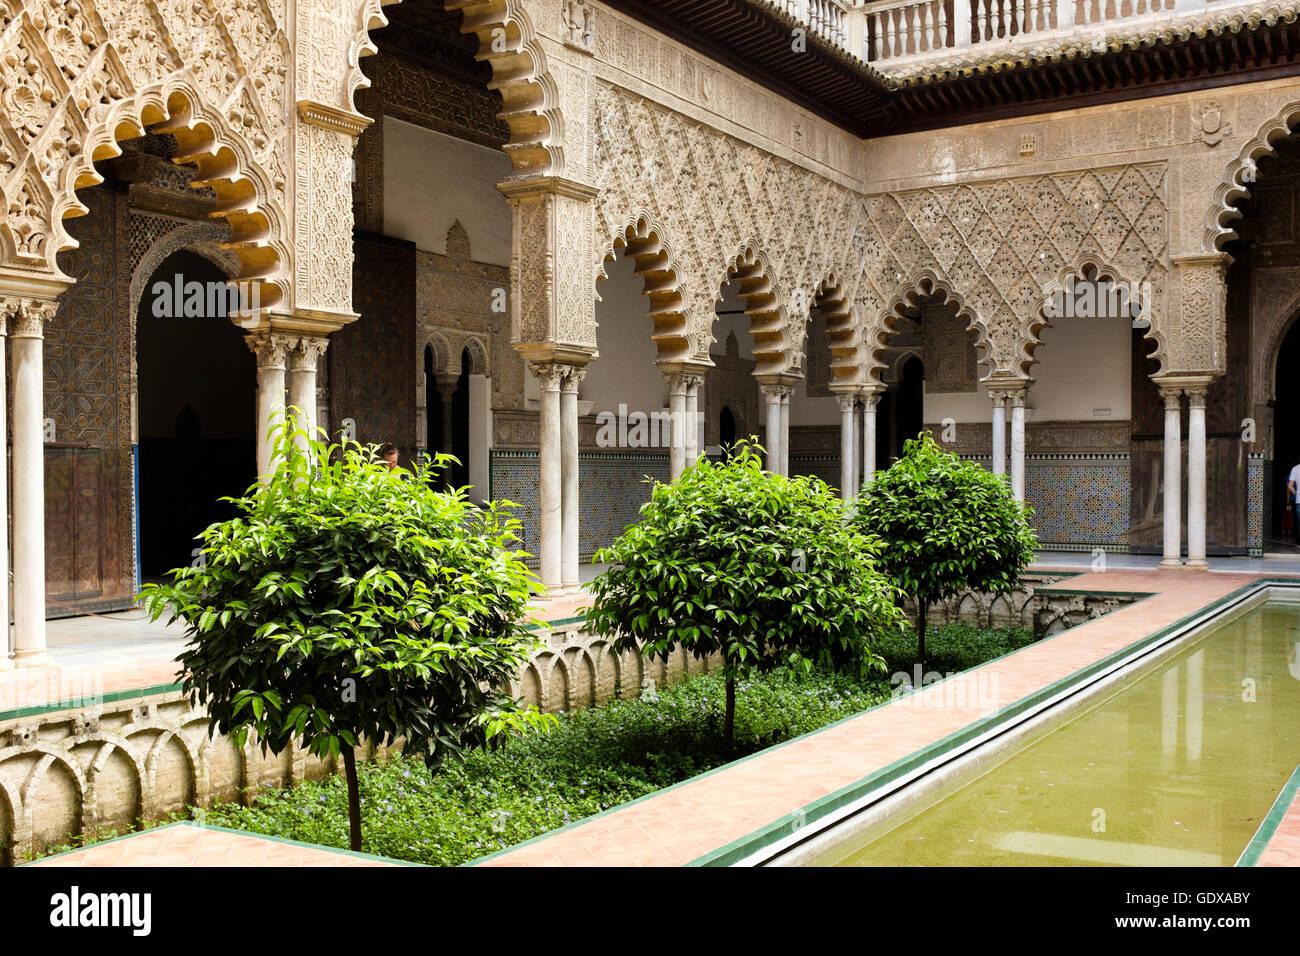 Patio De Las Doncellas In The Real Alcazar Seville Spain Stock Photo Alamy